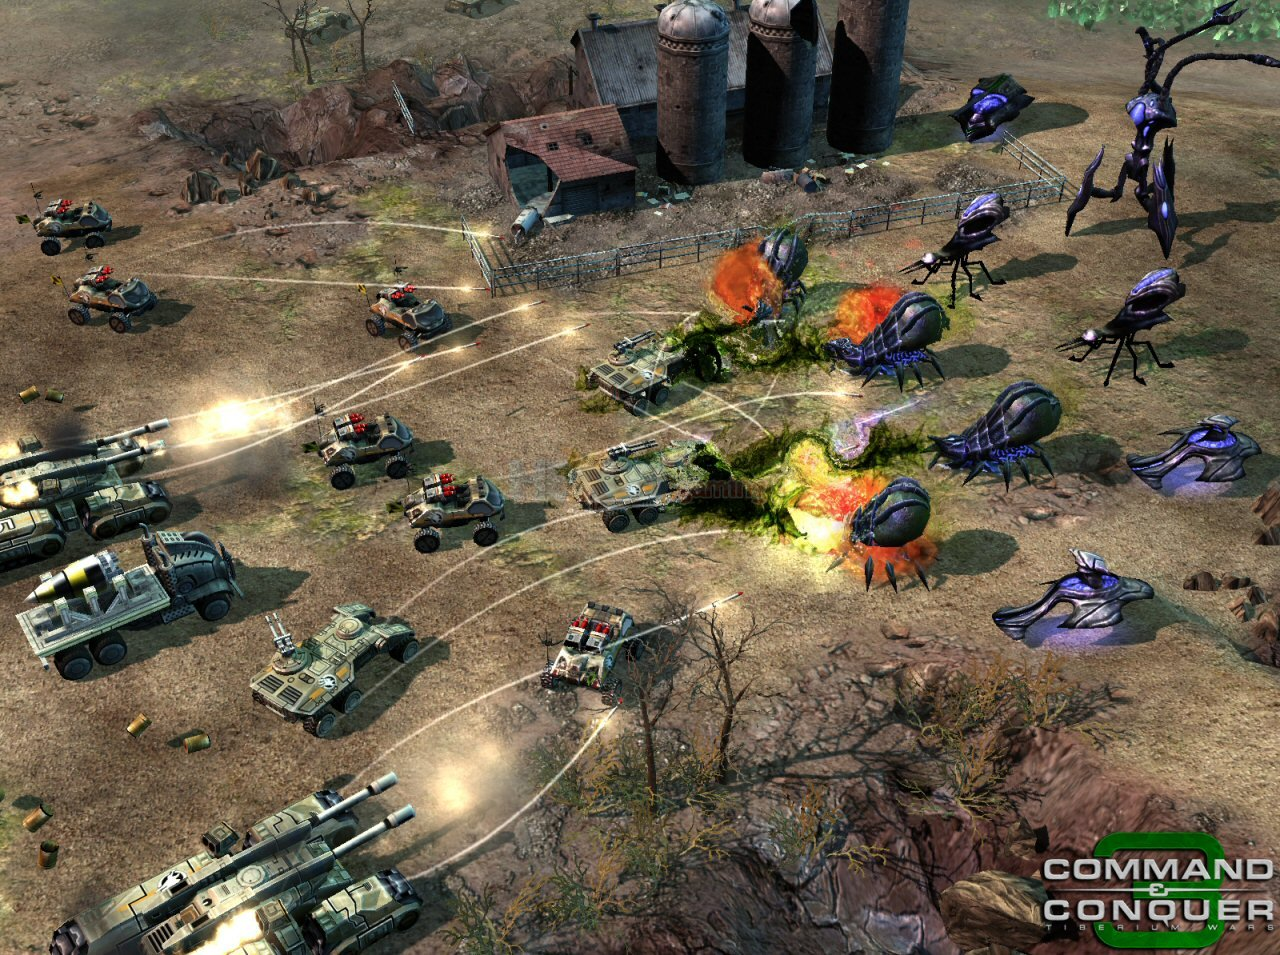 2007 год в компьютерных играх - Изображение 23